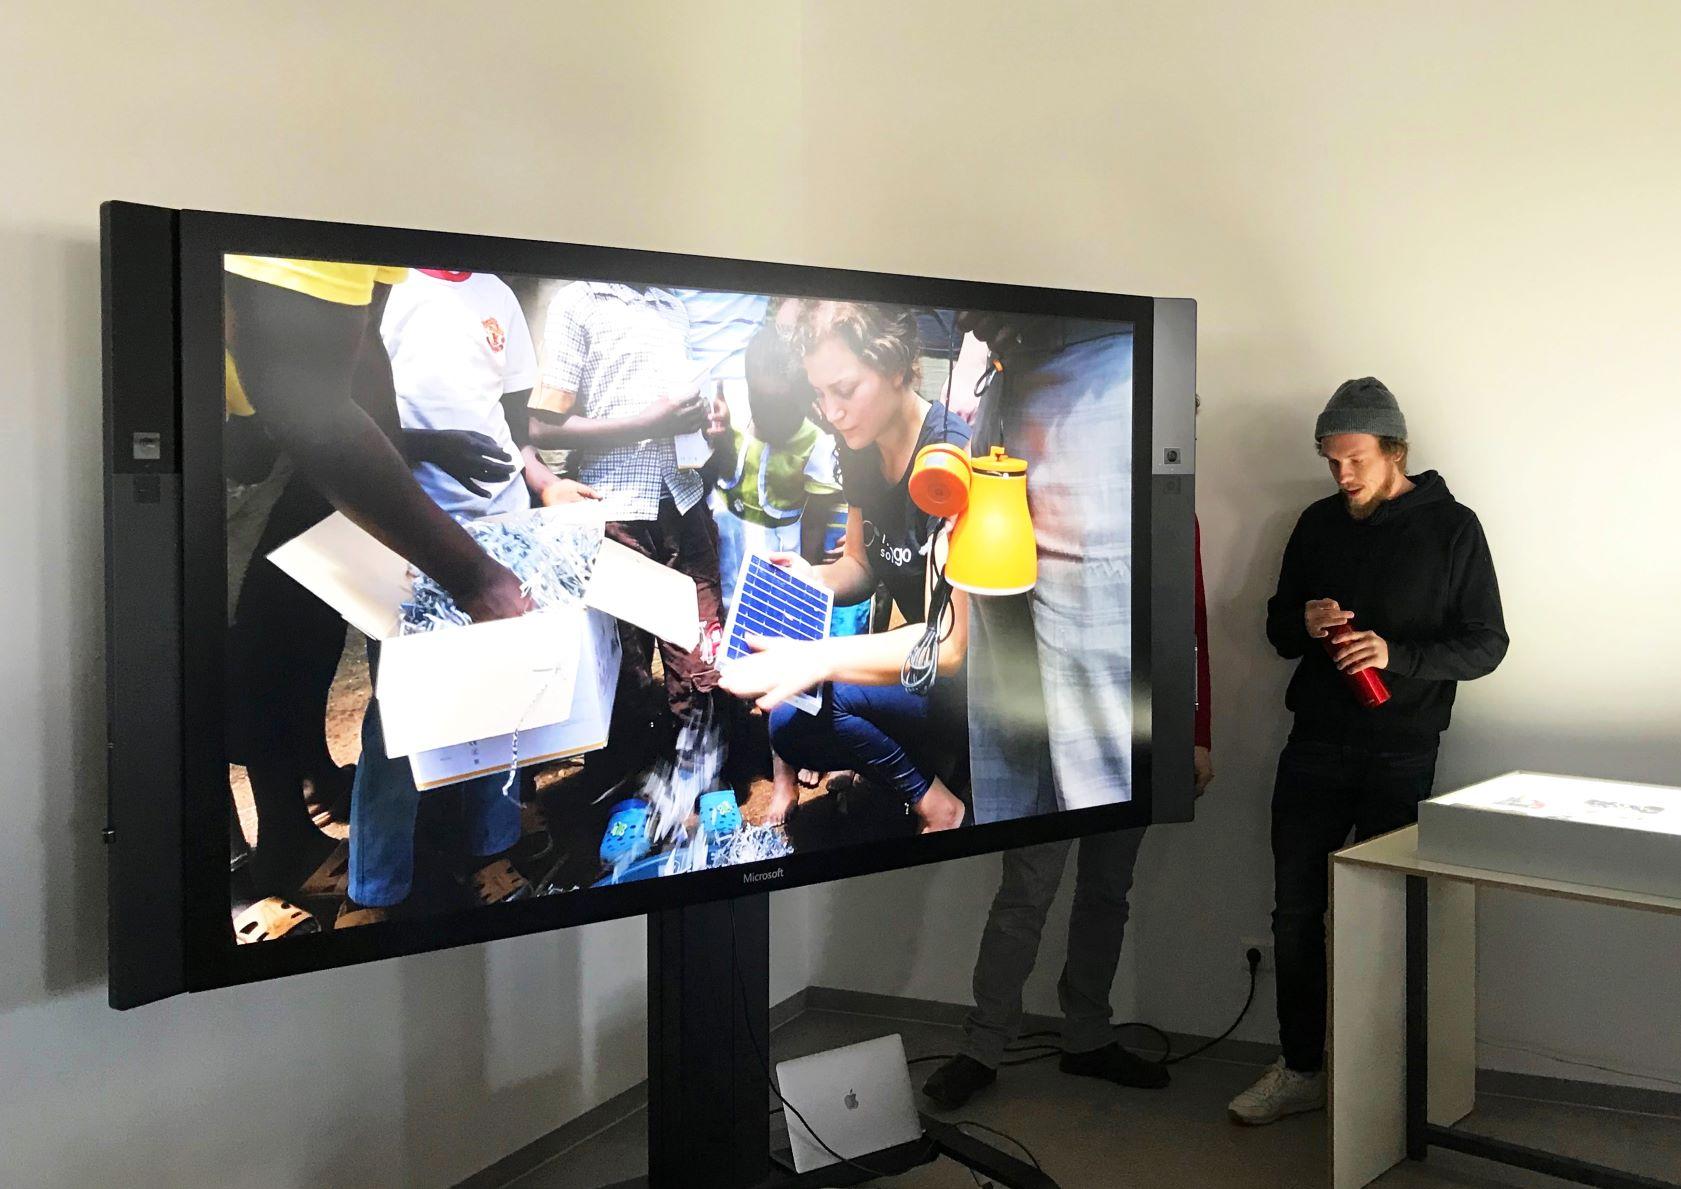 Bildschirm während einer Präsentation. Der Bildschirm zeigt eine Frau, die eine Solarzelle hält.